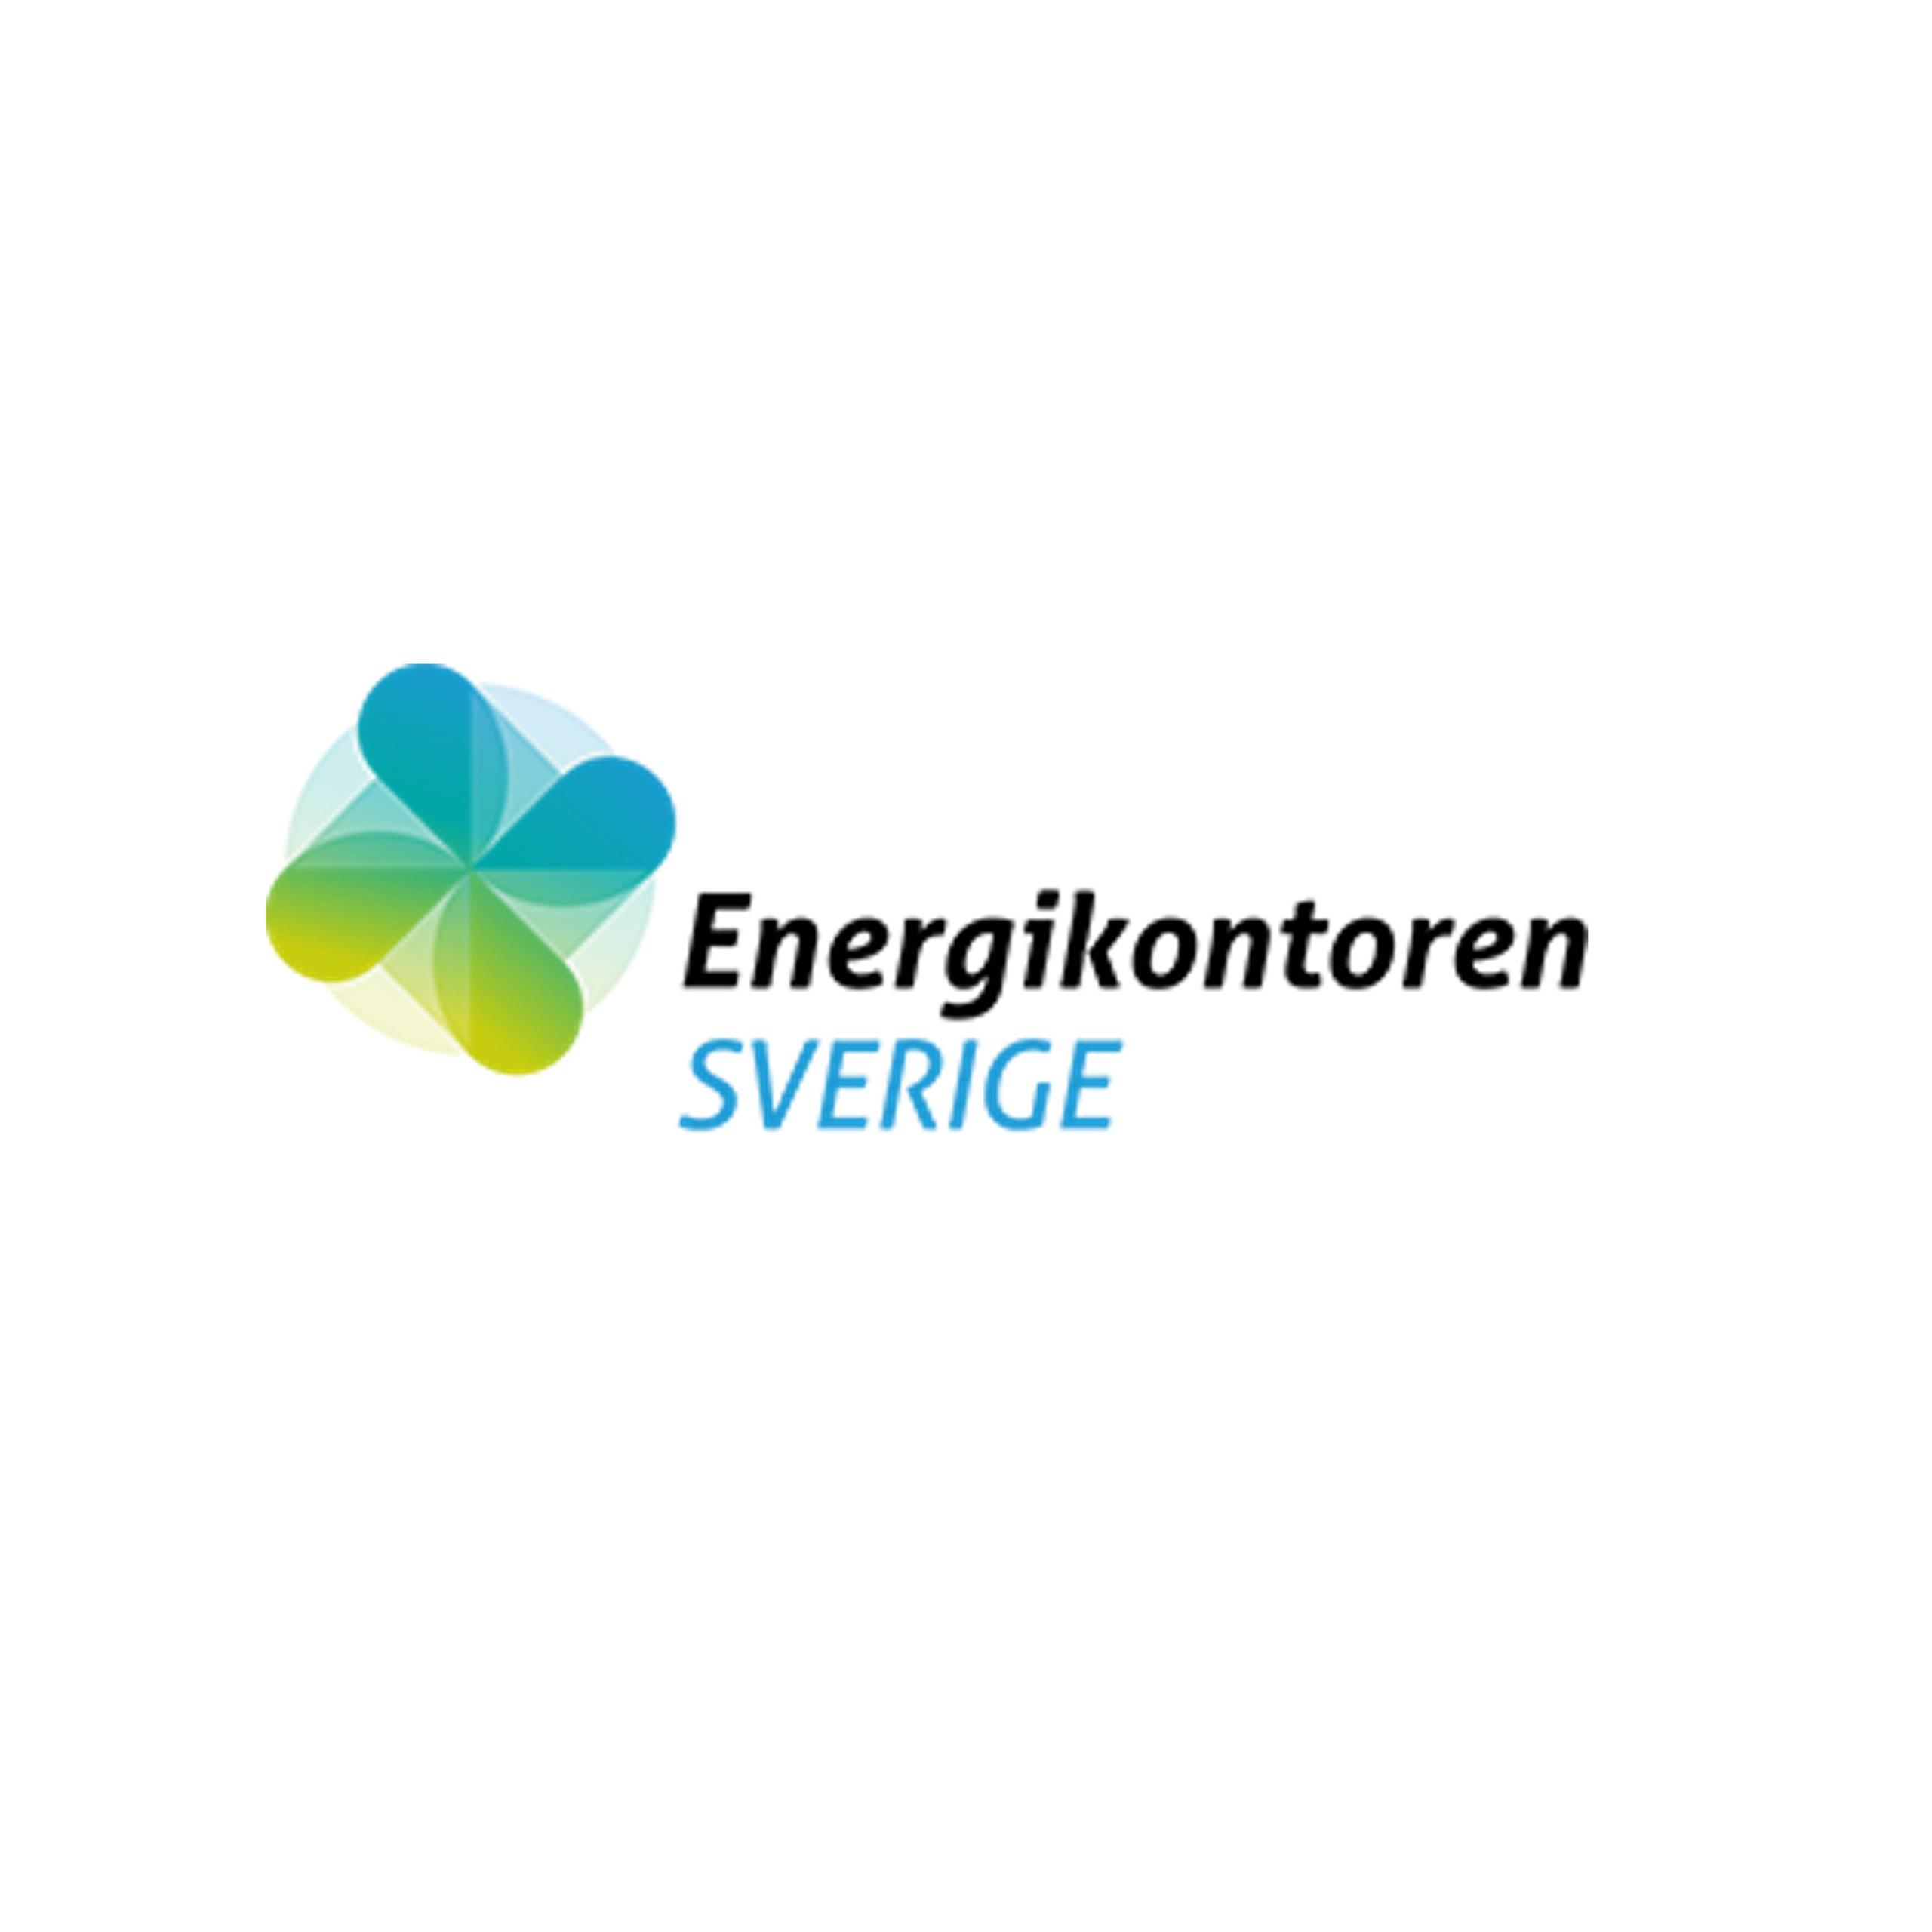 energikontorensverige_logga